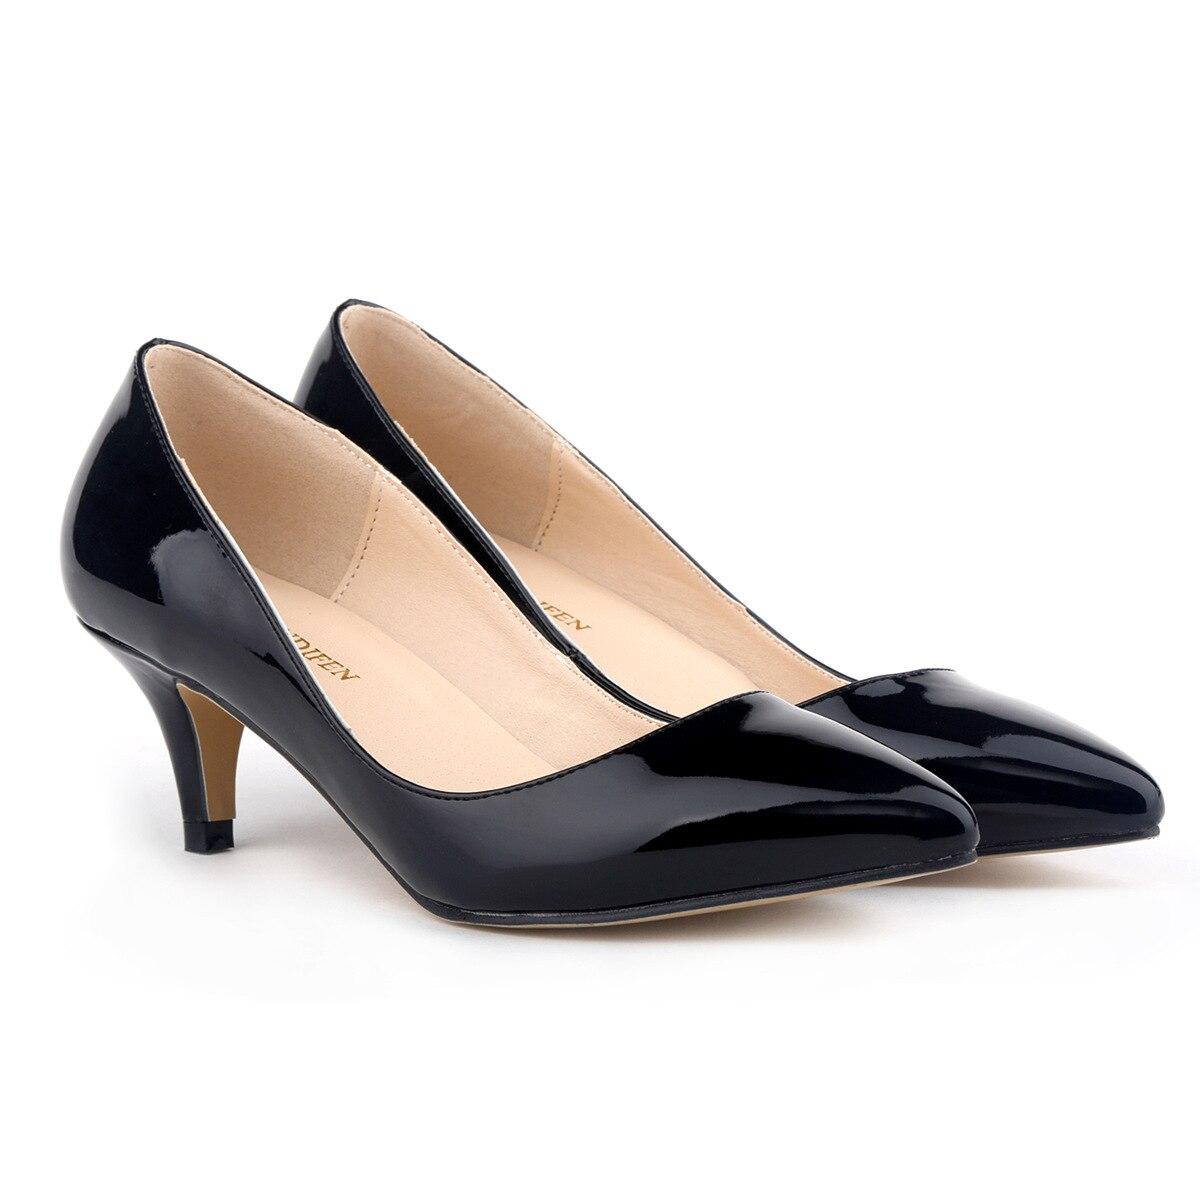 Compra forever high heels y disfruta del envío gratuito en AliExpress.com 2bae6153fed1